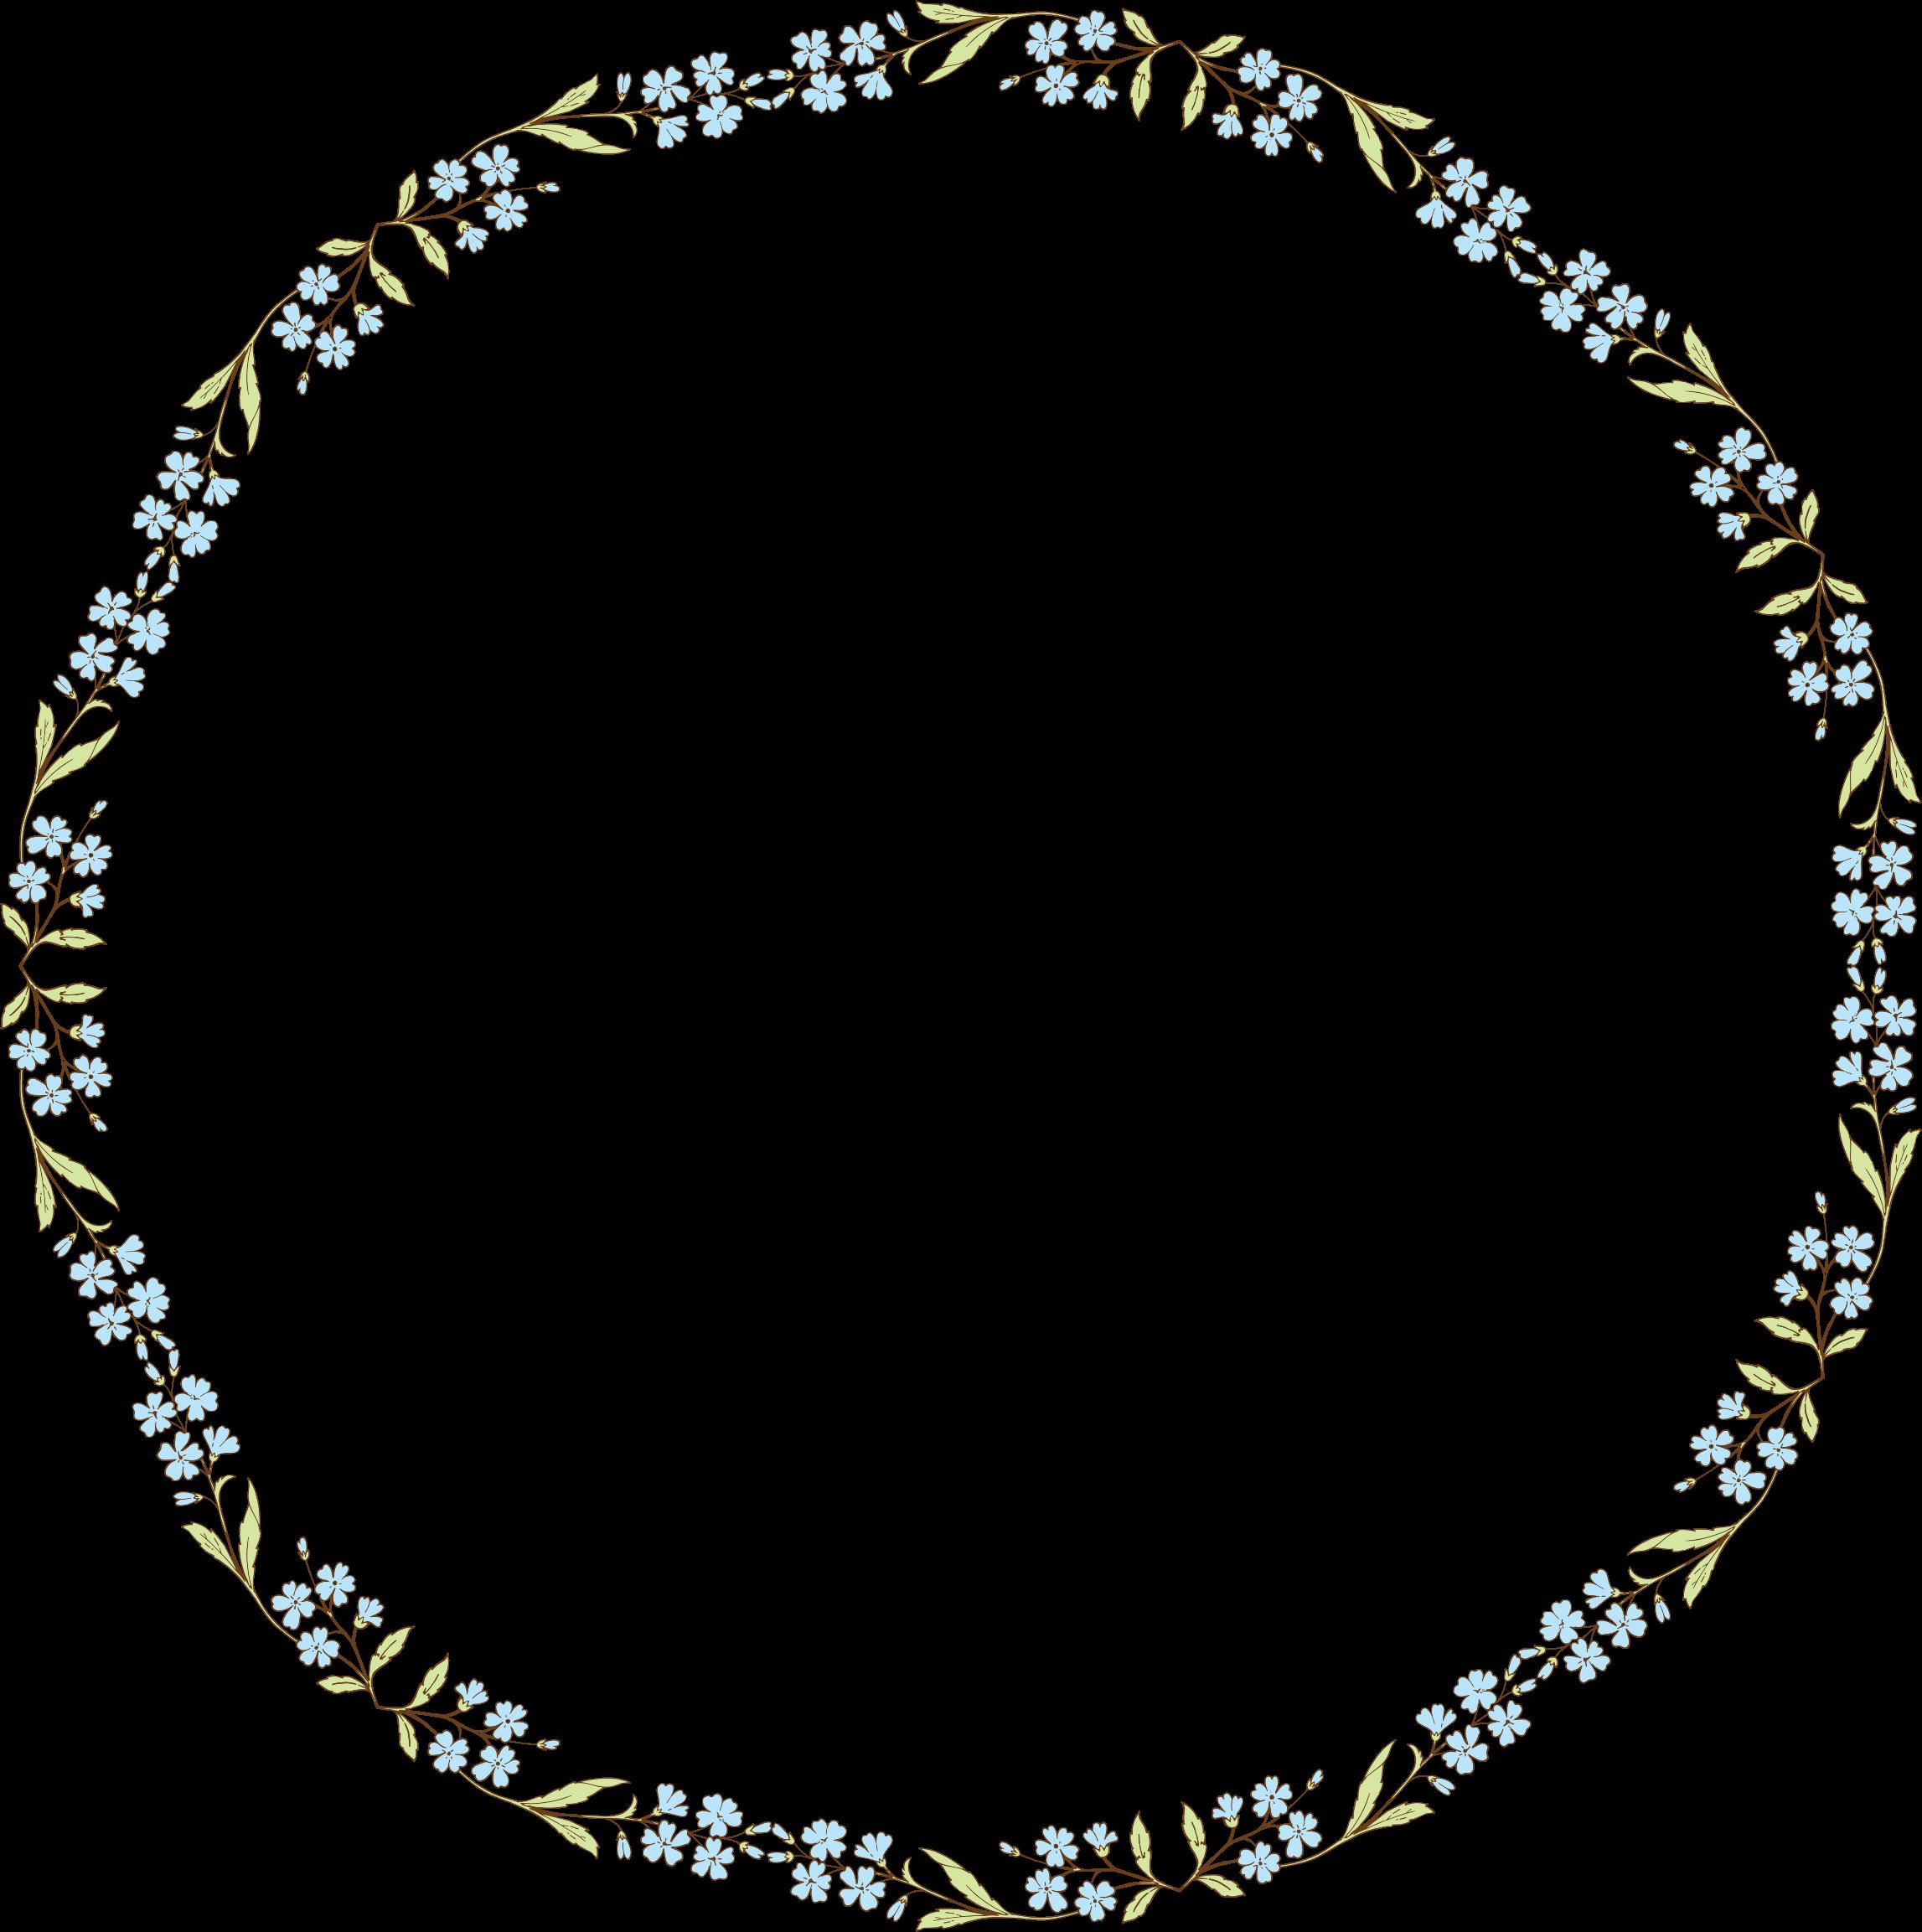 Frames clipart blue flower. Flowers frame big image